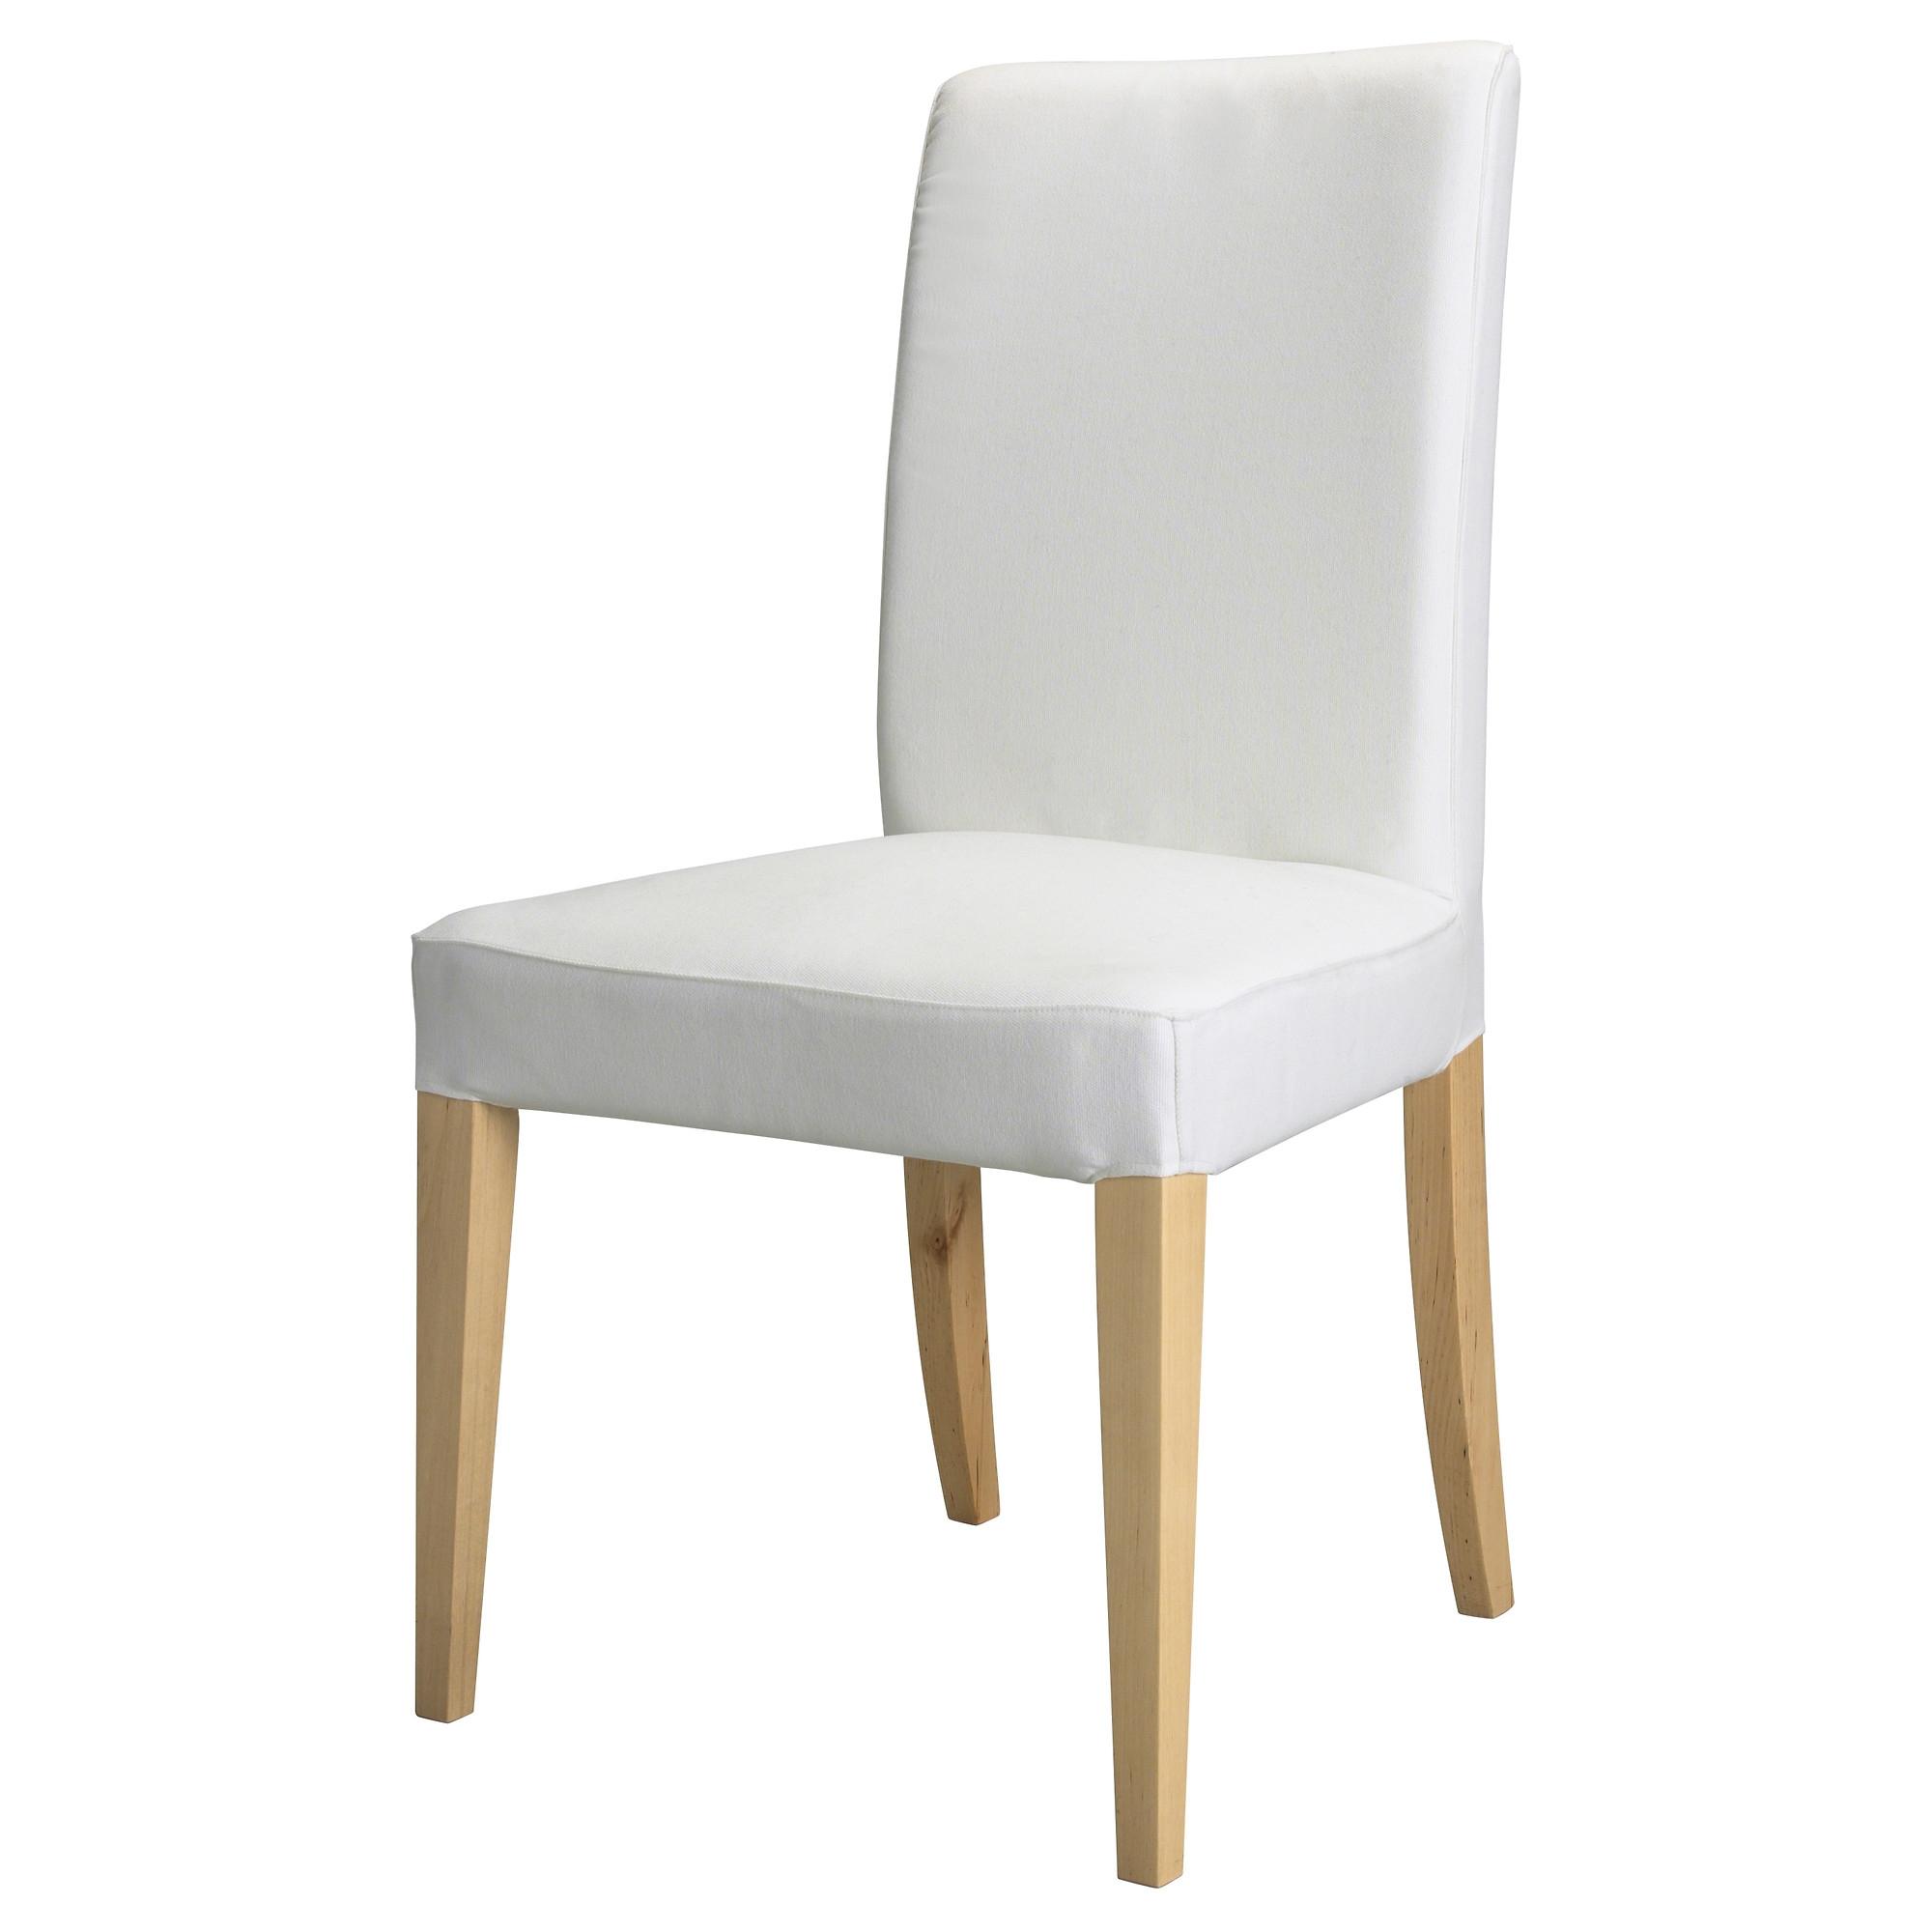 Henriksdal estructura de silla abedul - Sillas para cocina ikea ...